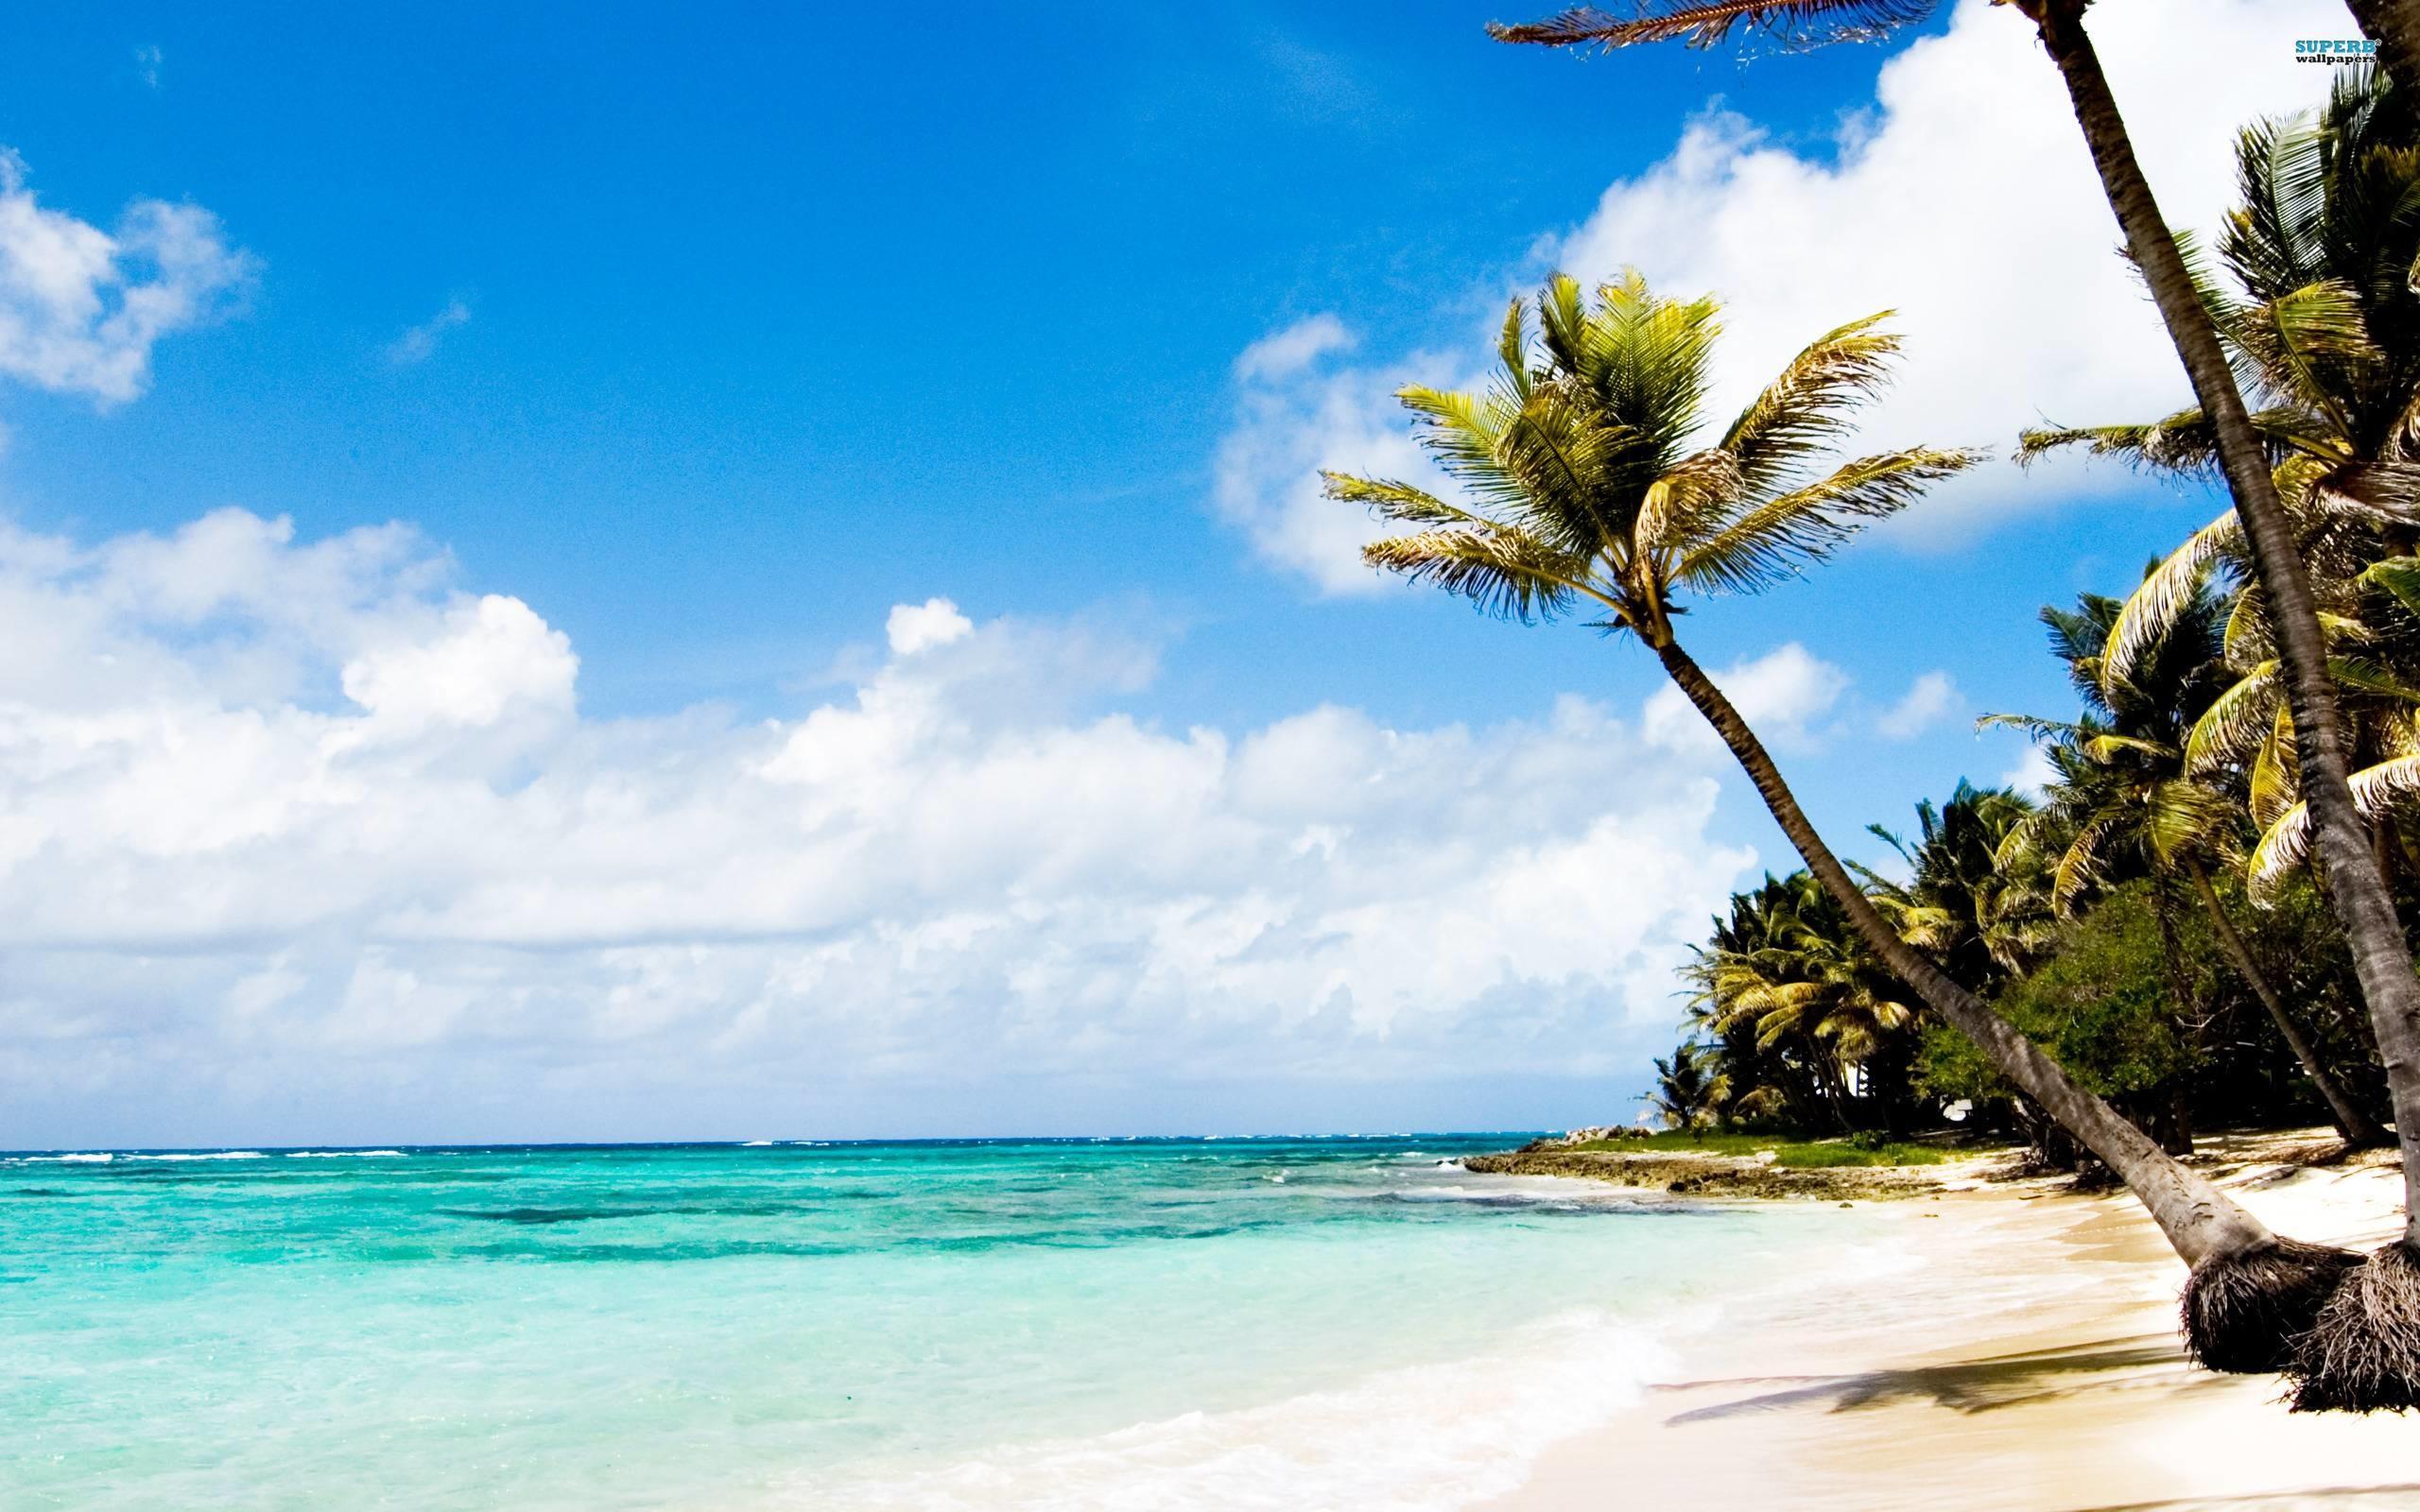 Beach Wallpaper: Caribbean Beach Wallpaper (65+ Images